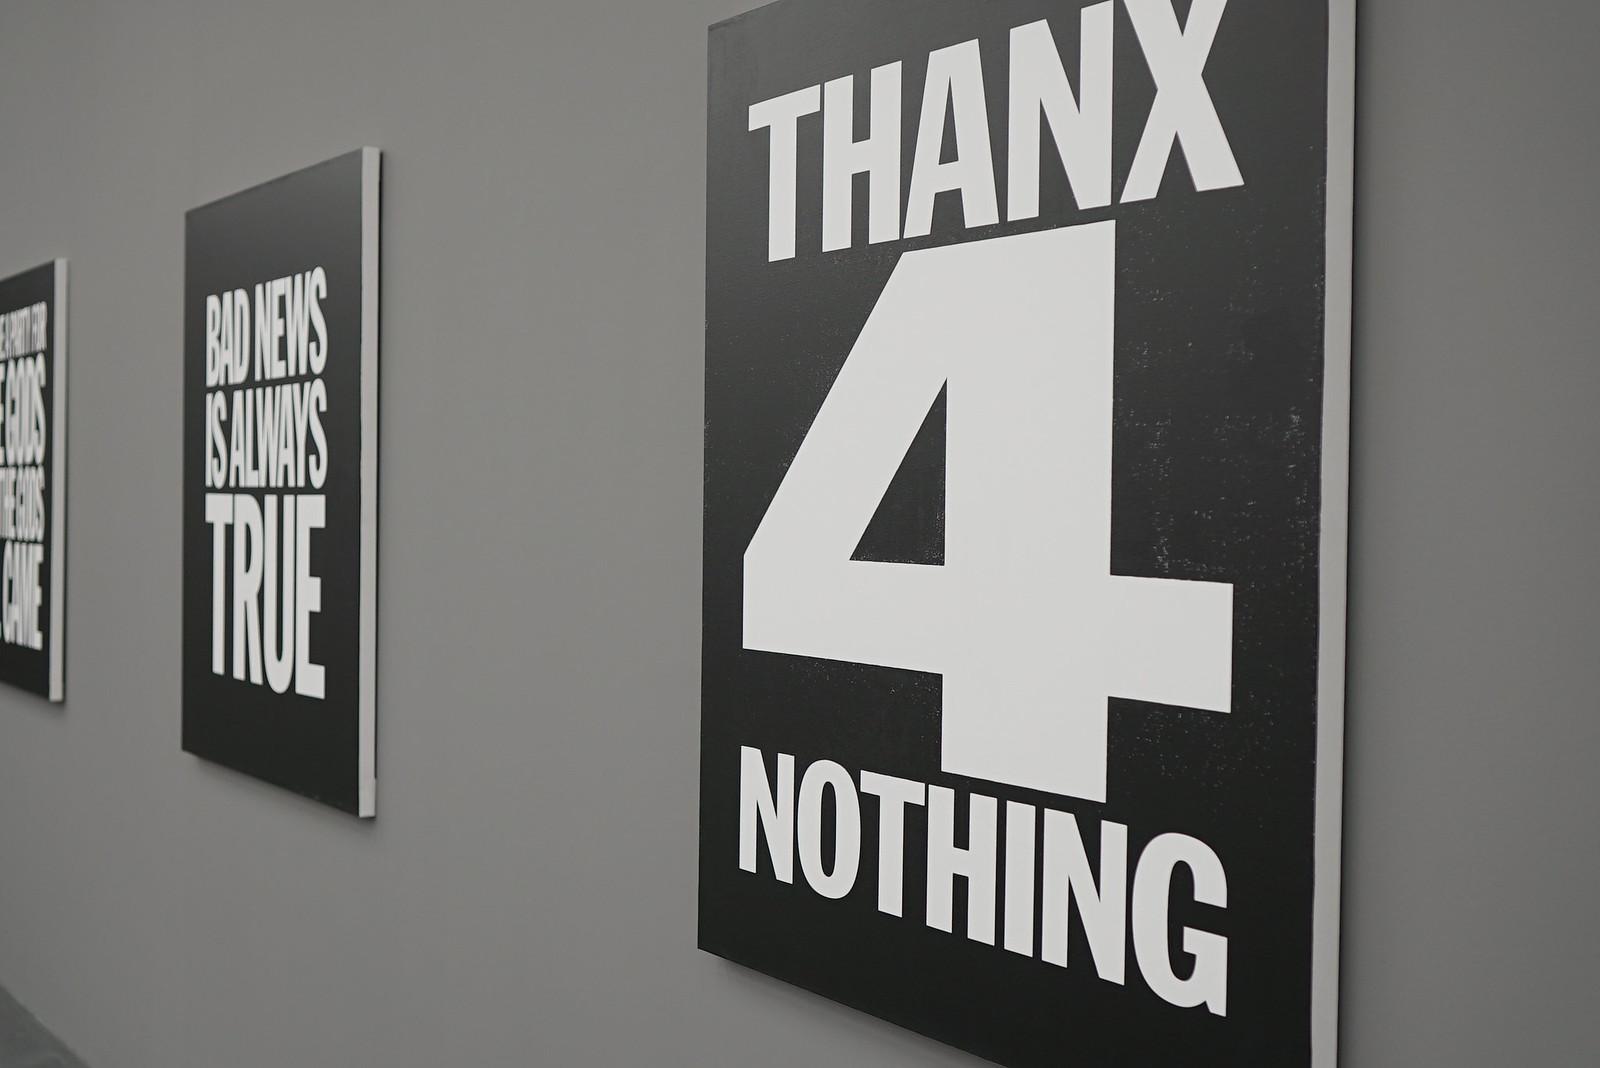 John Giorno at Galerie Eva Presenhuber